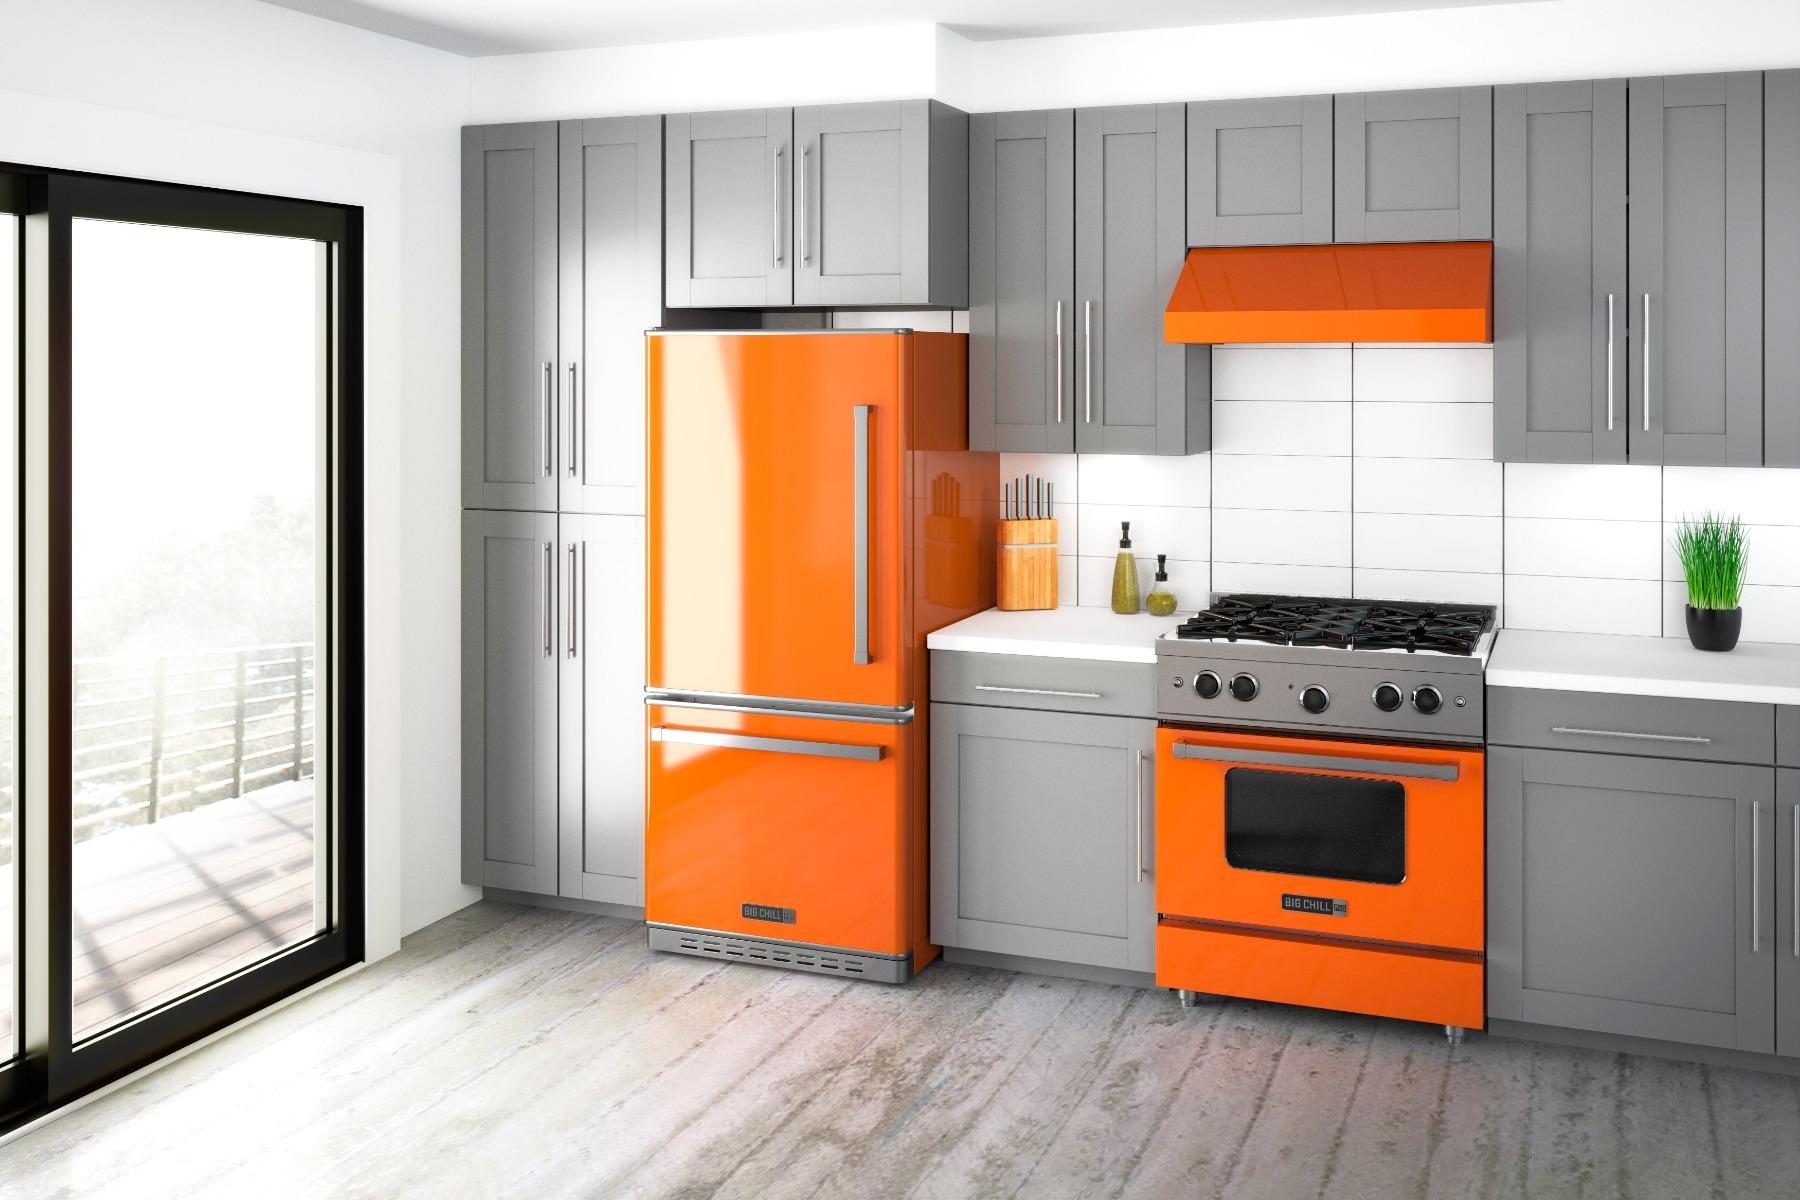 Kühlschrank Usa Retro : Kühlschrank american style retro amerikanische retro küche